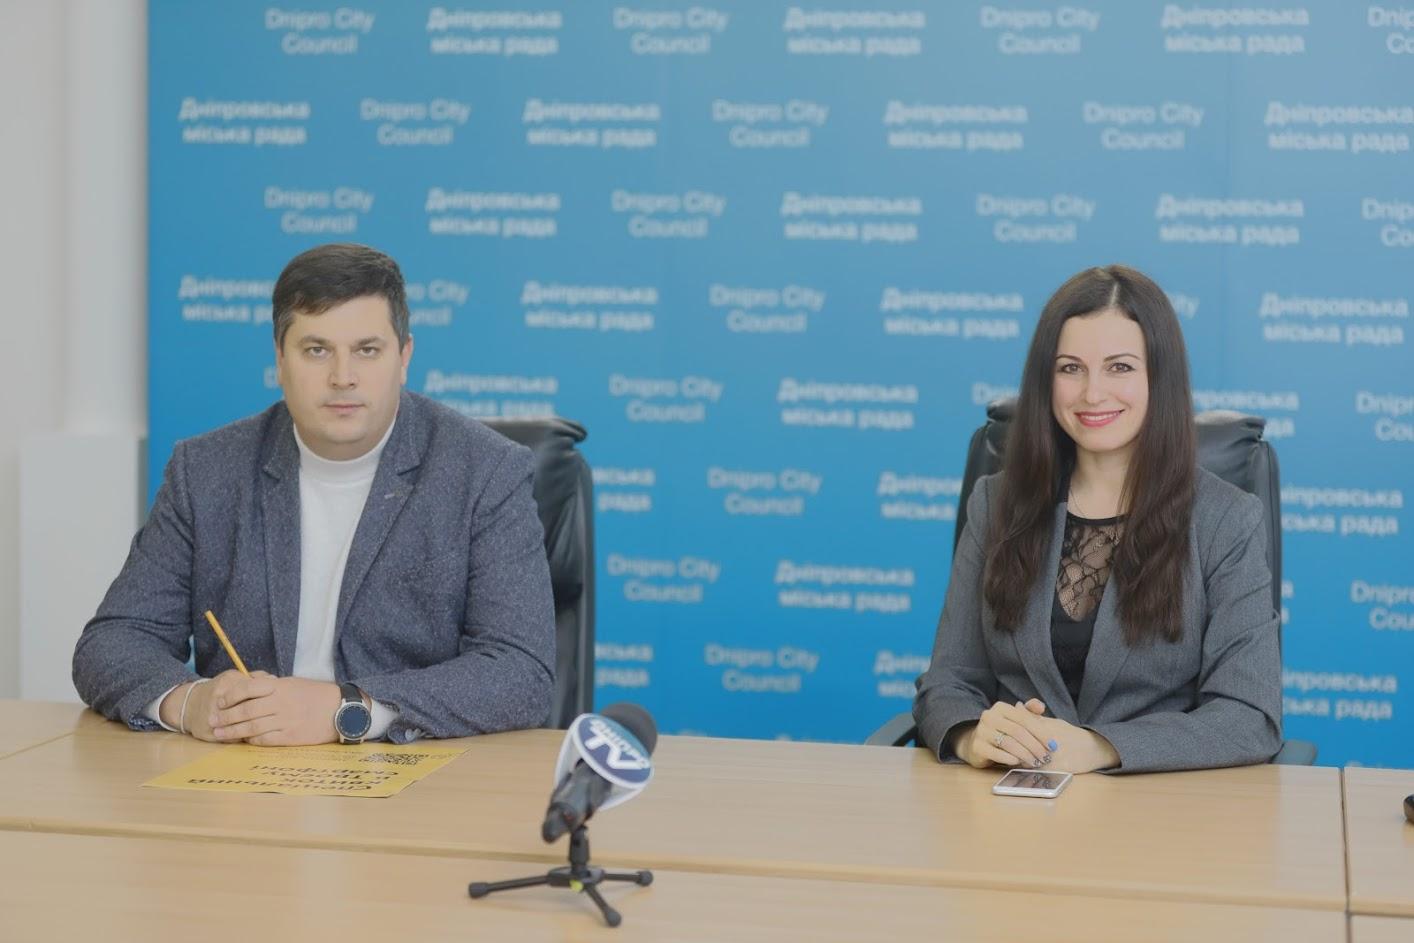 В Днепре запустили электронный спецпропуск для проезда в общественном транспорте. Новости Днепра